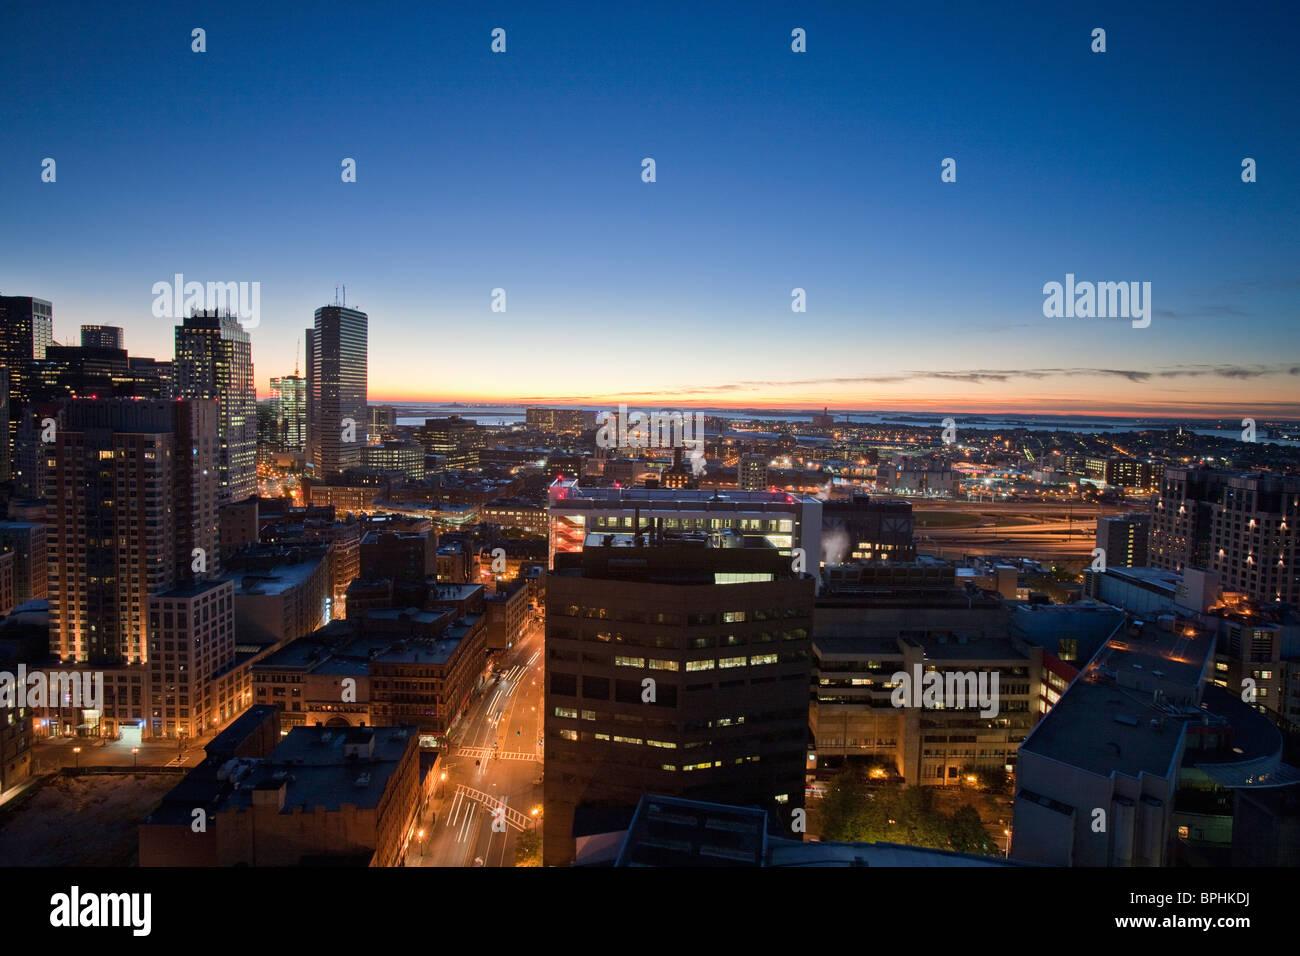 Edificios en una ciudad, Kneeland Street, Chinatown, el condado de Suffolk, Boston, Massachusetts, EE.UU. Imagen De Stock